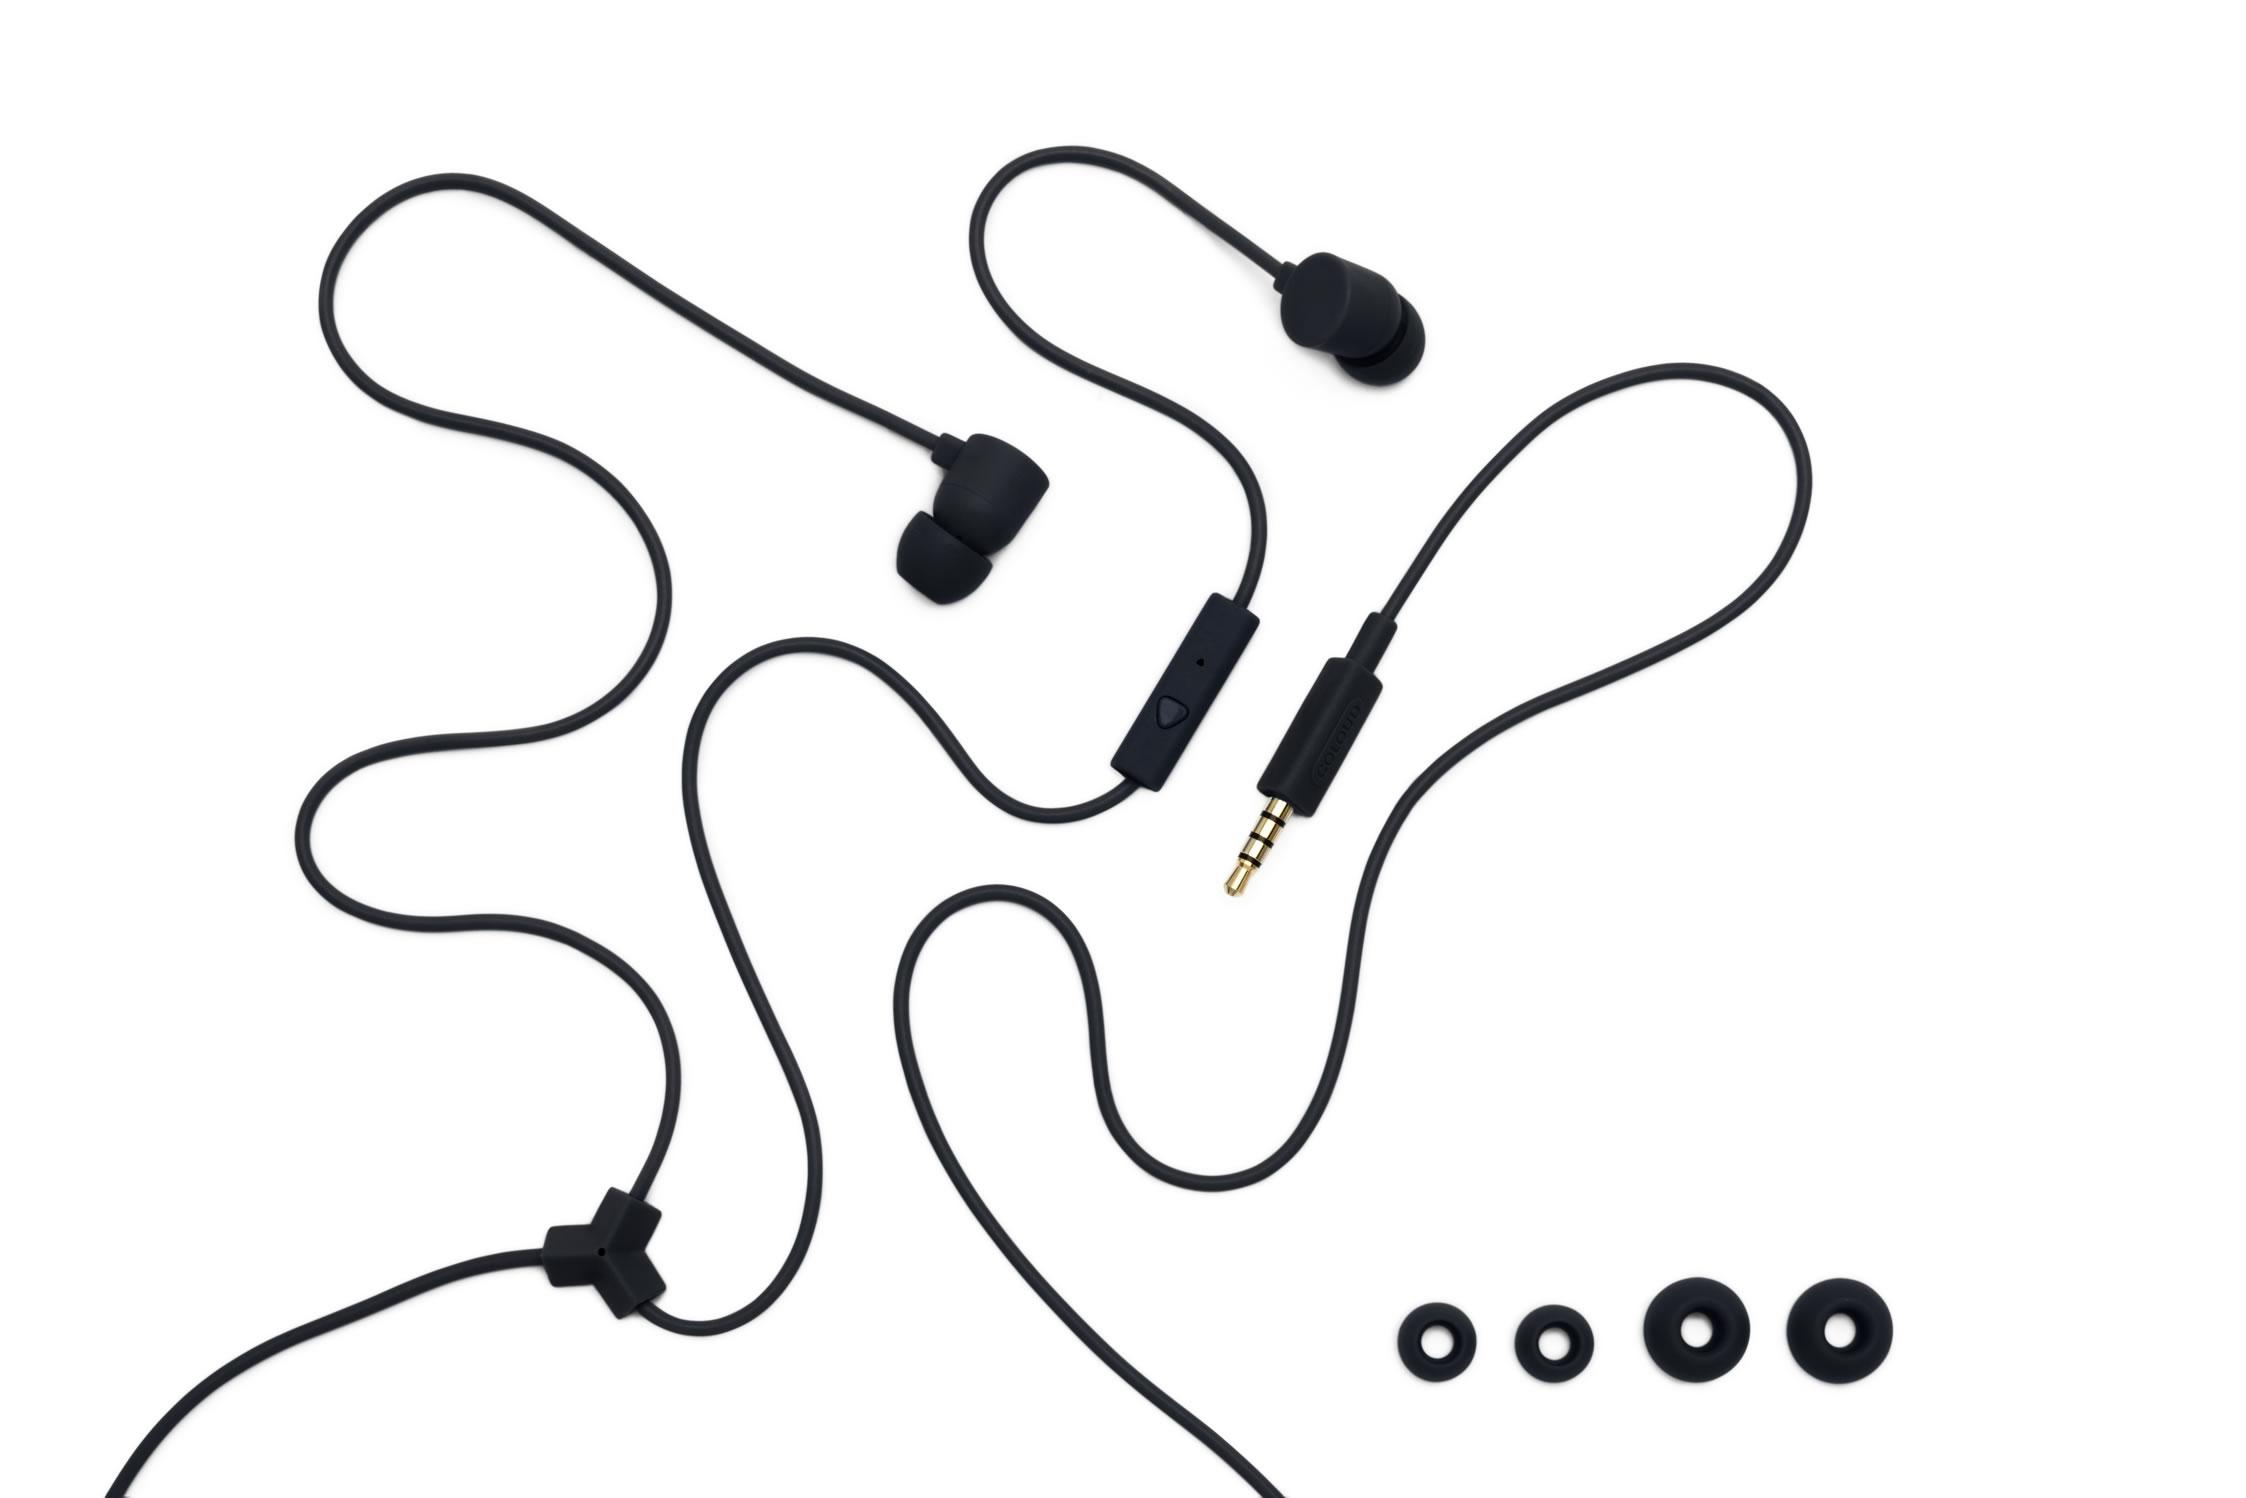 Nuevos auriculares de tapón Coloud Colors para tu iPod